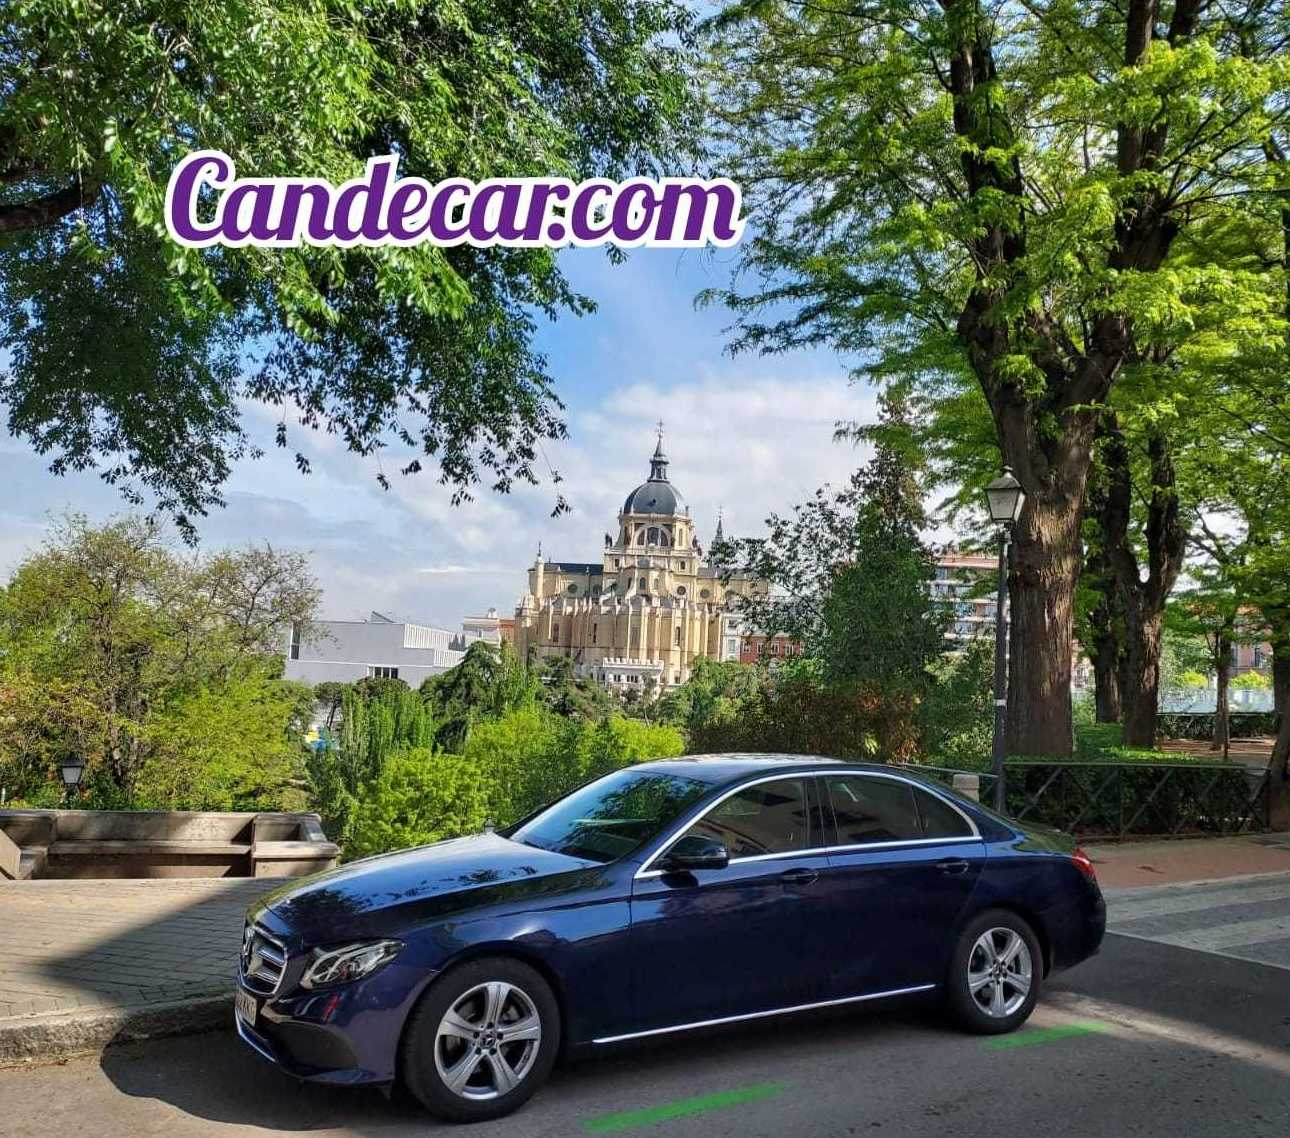 Foto 8 de Alquiler de vehículos con conductor en    Candecar